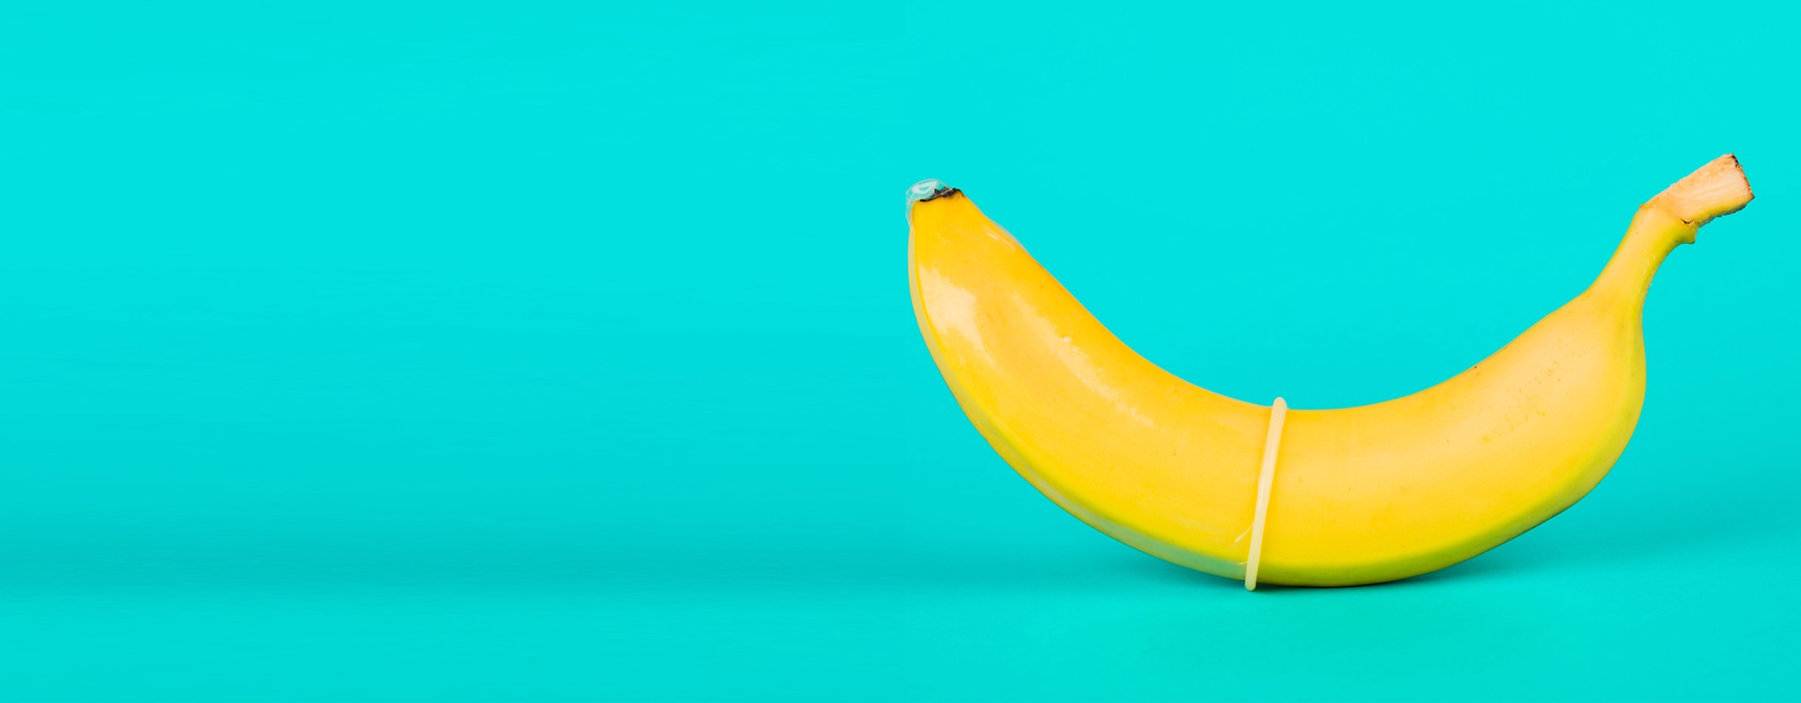 Banana%201_edited.jpg